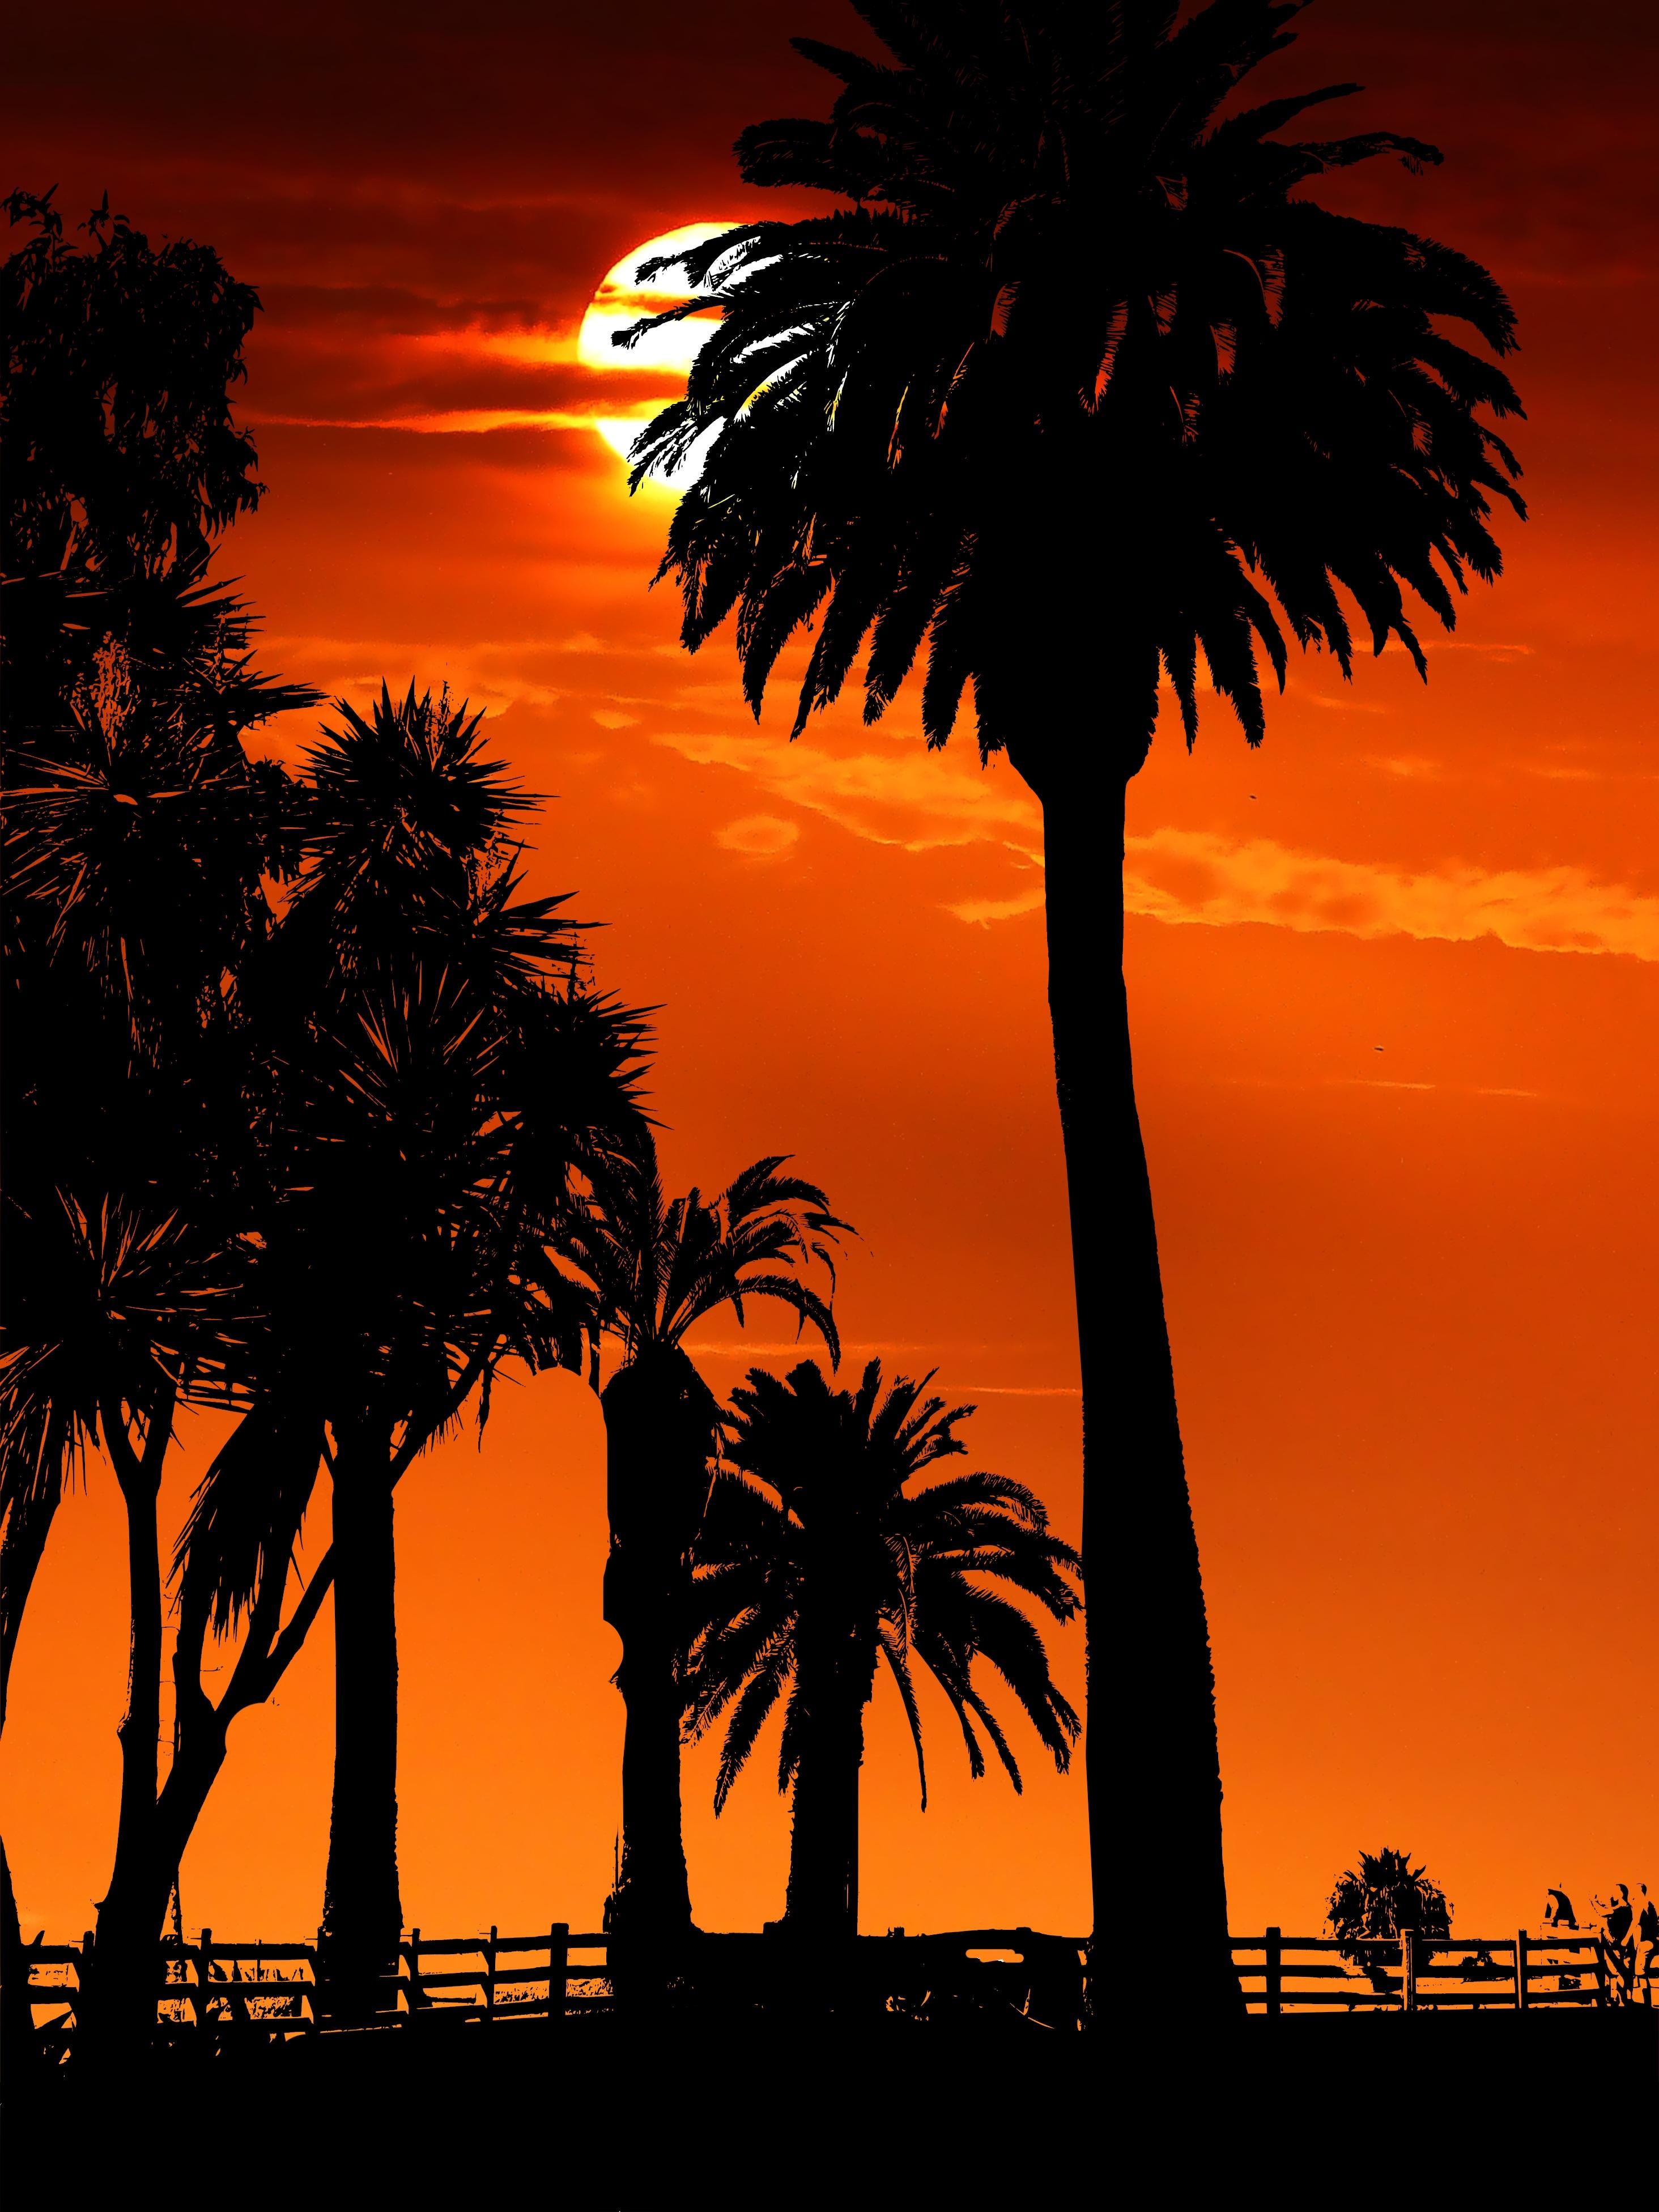 139962 скачать обои Темные, Закат, Ночь, Силуэты, Солнце, Пальмы - заставки и картинки бесплатно